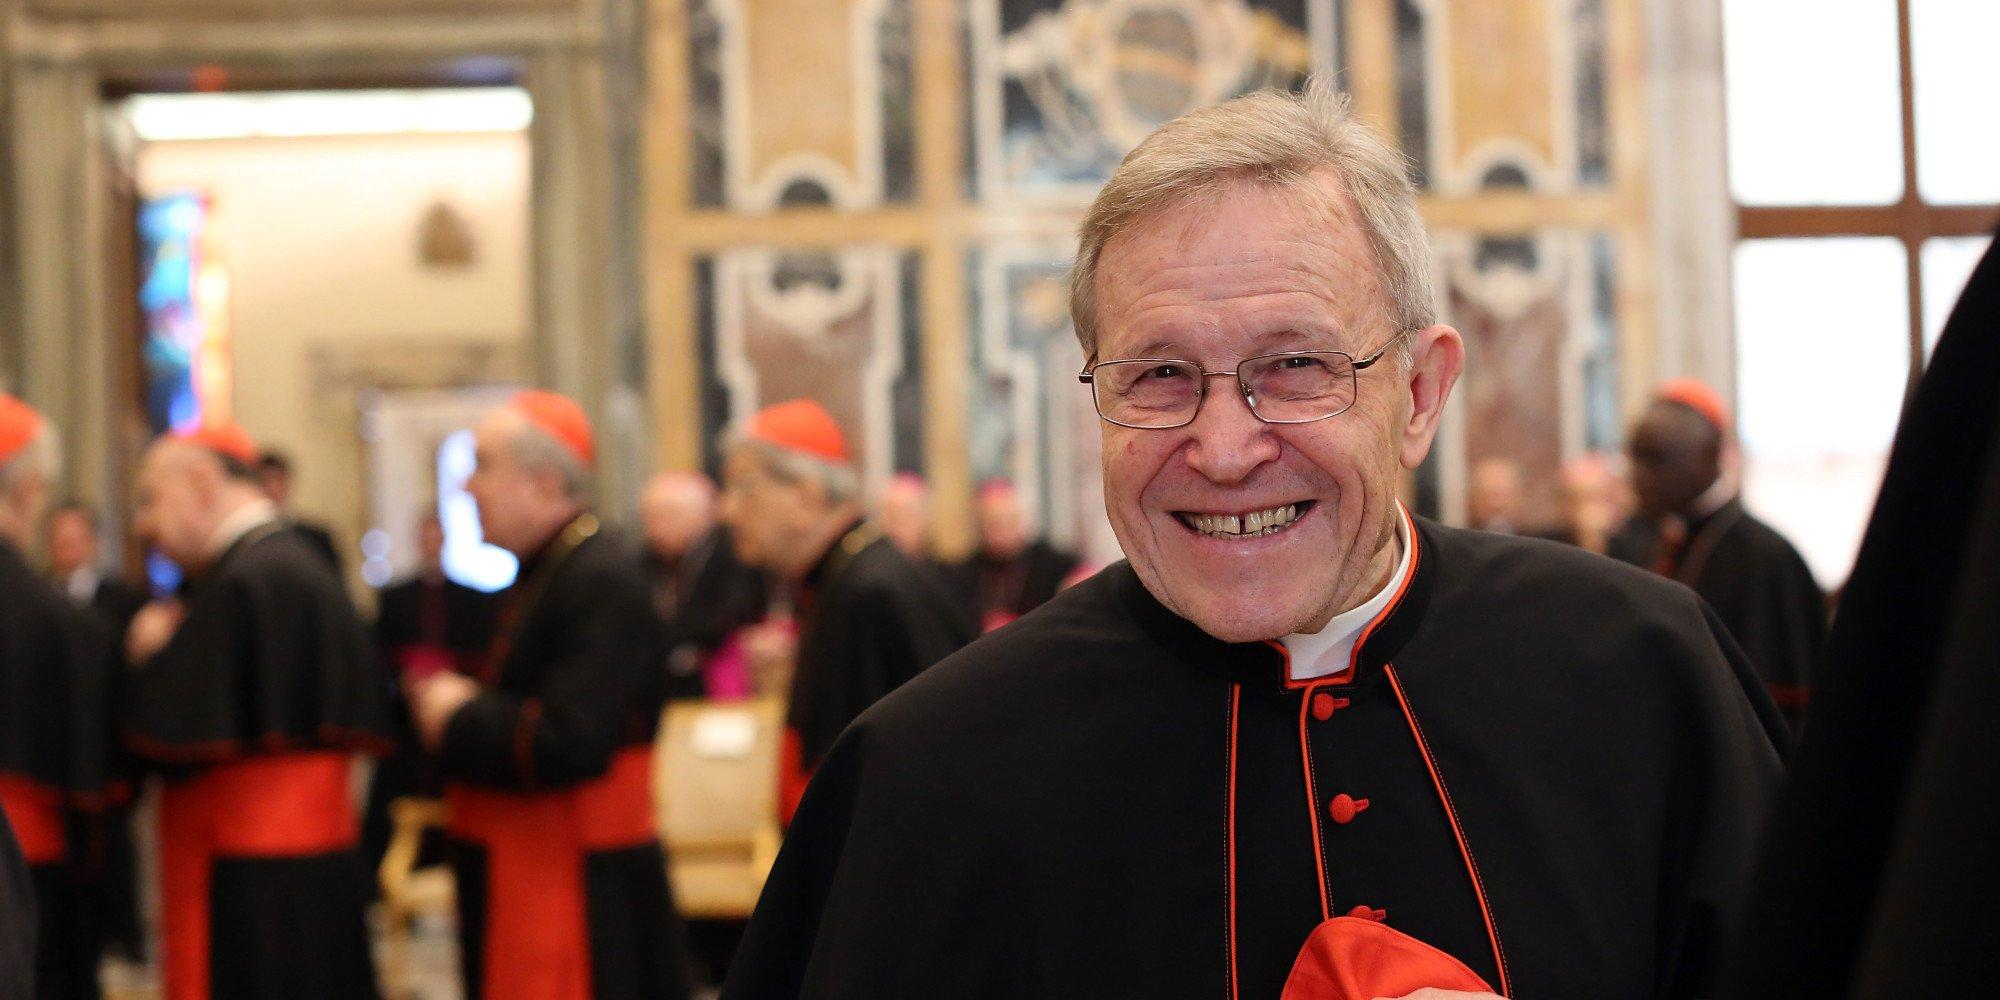 El cardenal Kasper aboga por la comunión compartida de católicos y luteranos